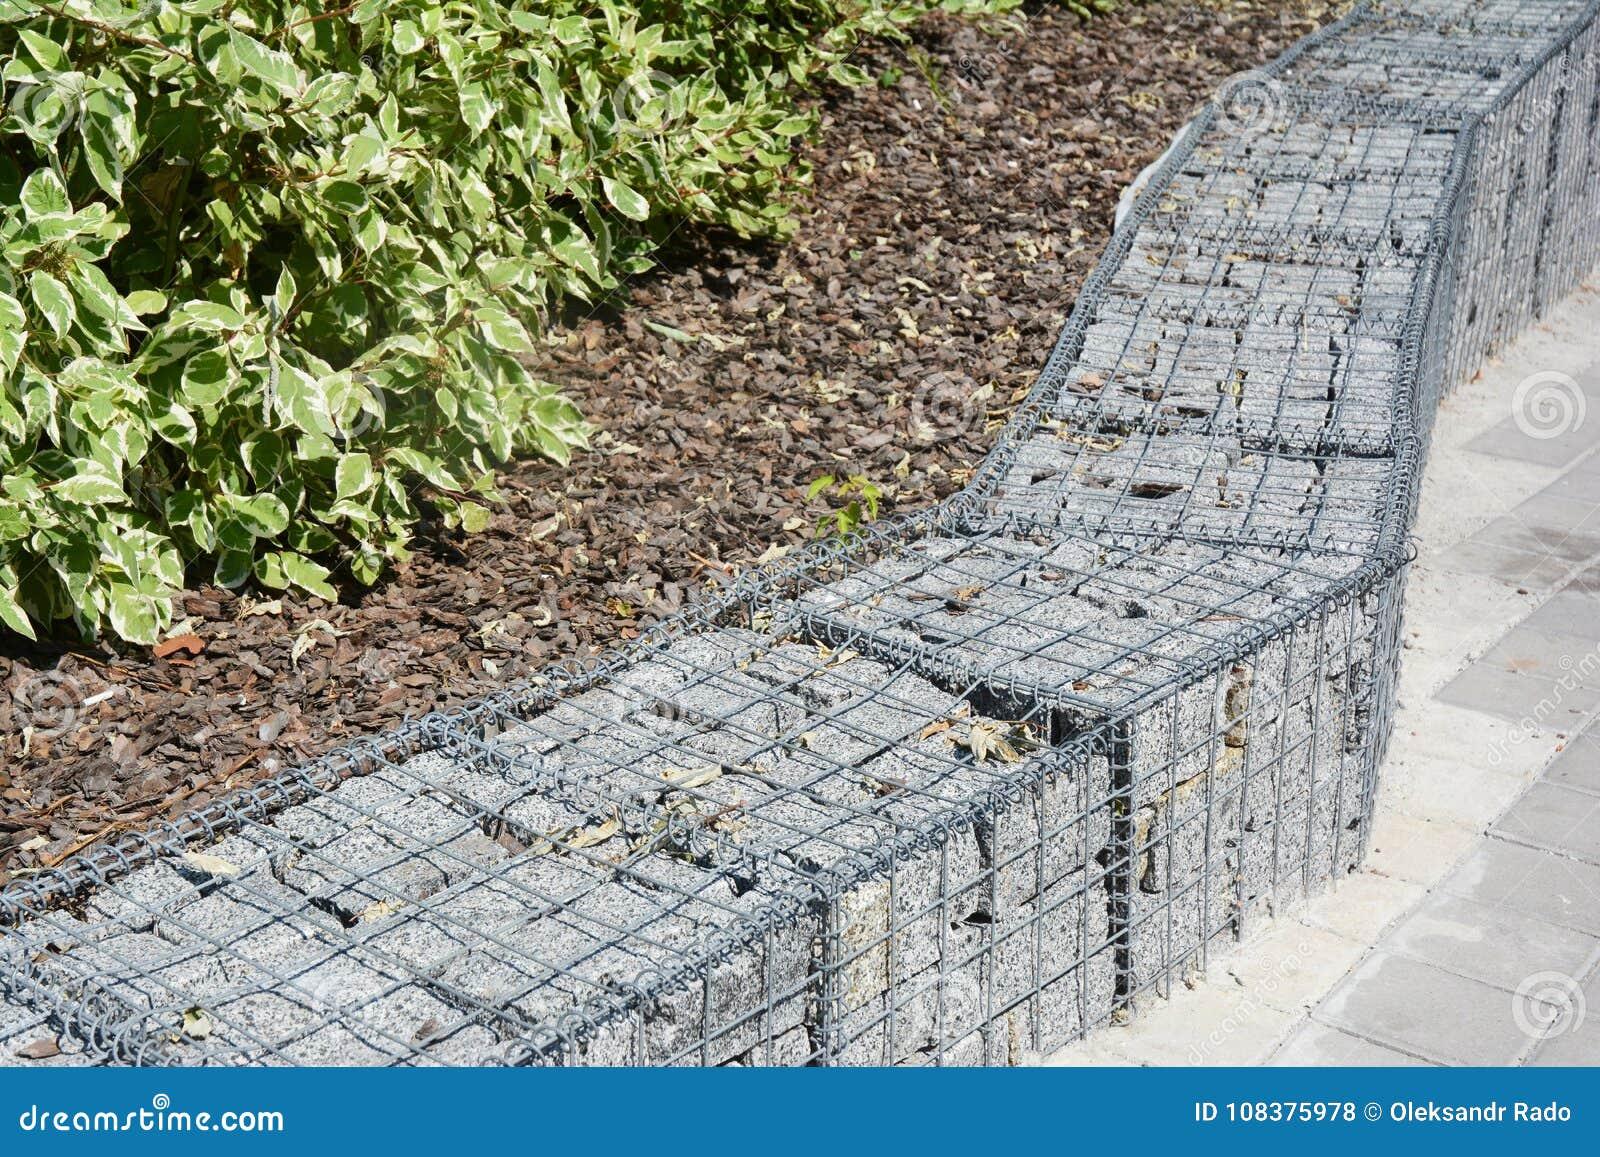 moderner gabions-zaun mit steinen im maschendraht gabions